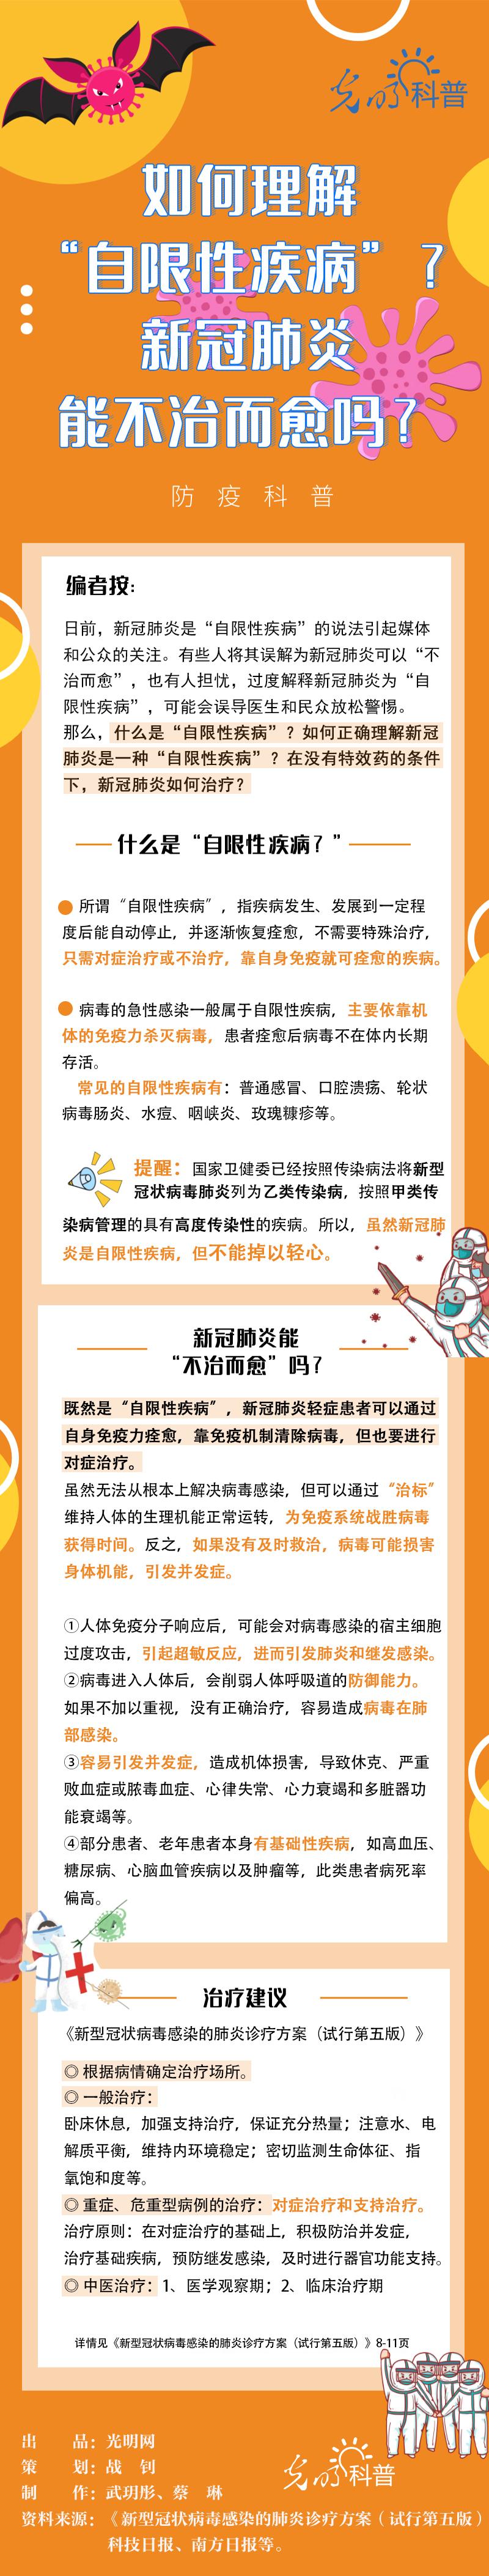 """【防疫科普】如何理解""""自限性疾病""""?新冠肺炎能不治而愈吗?"""